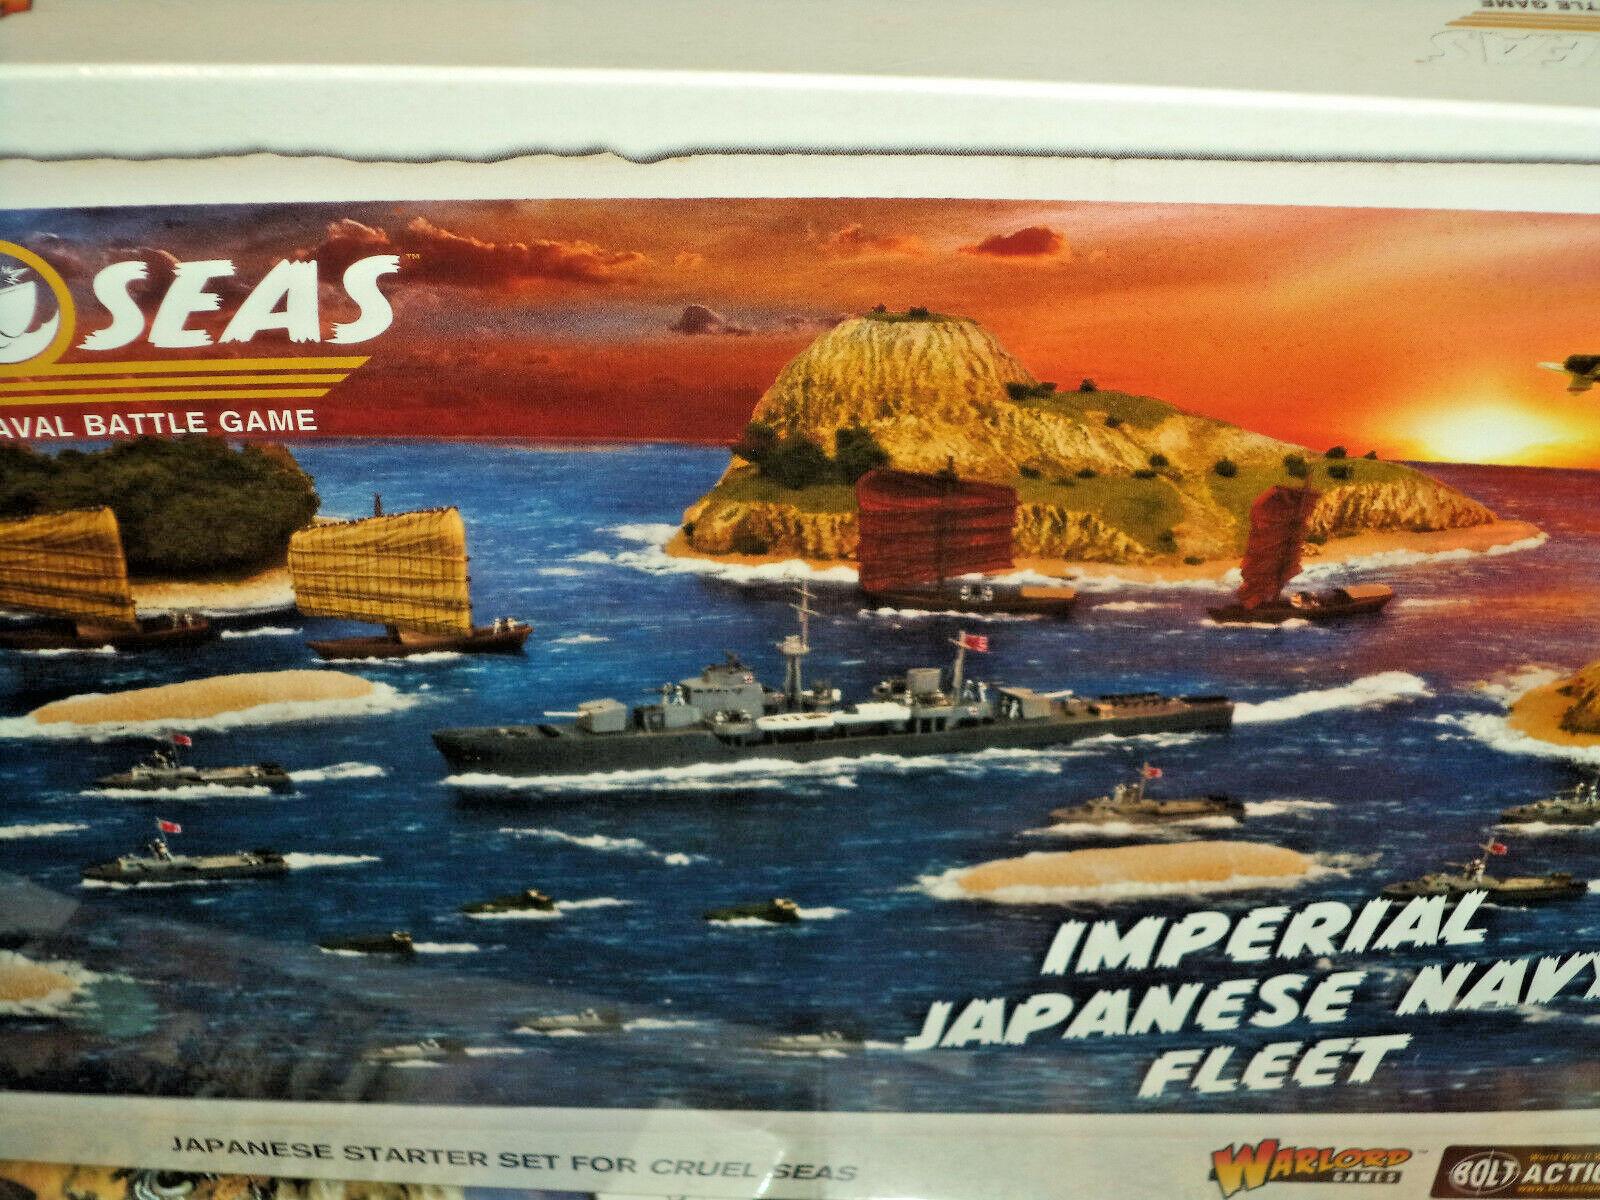 Imperial Japanese Navy Fleet Cruel Seas Starter Set 1 300 Scale Models WWII